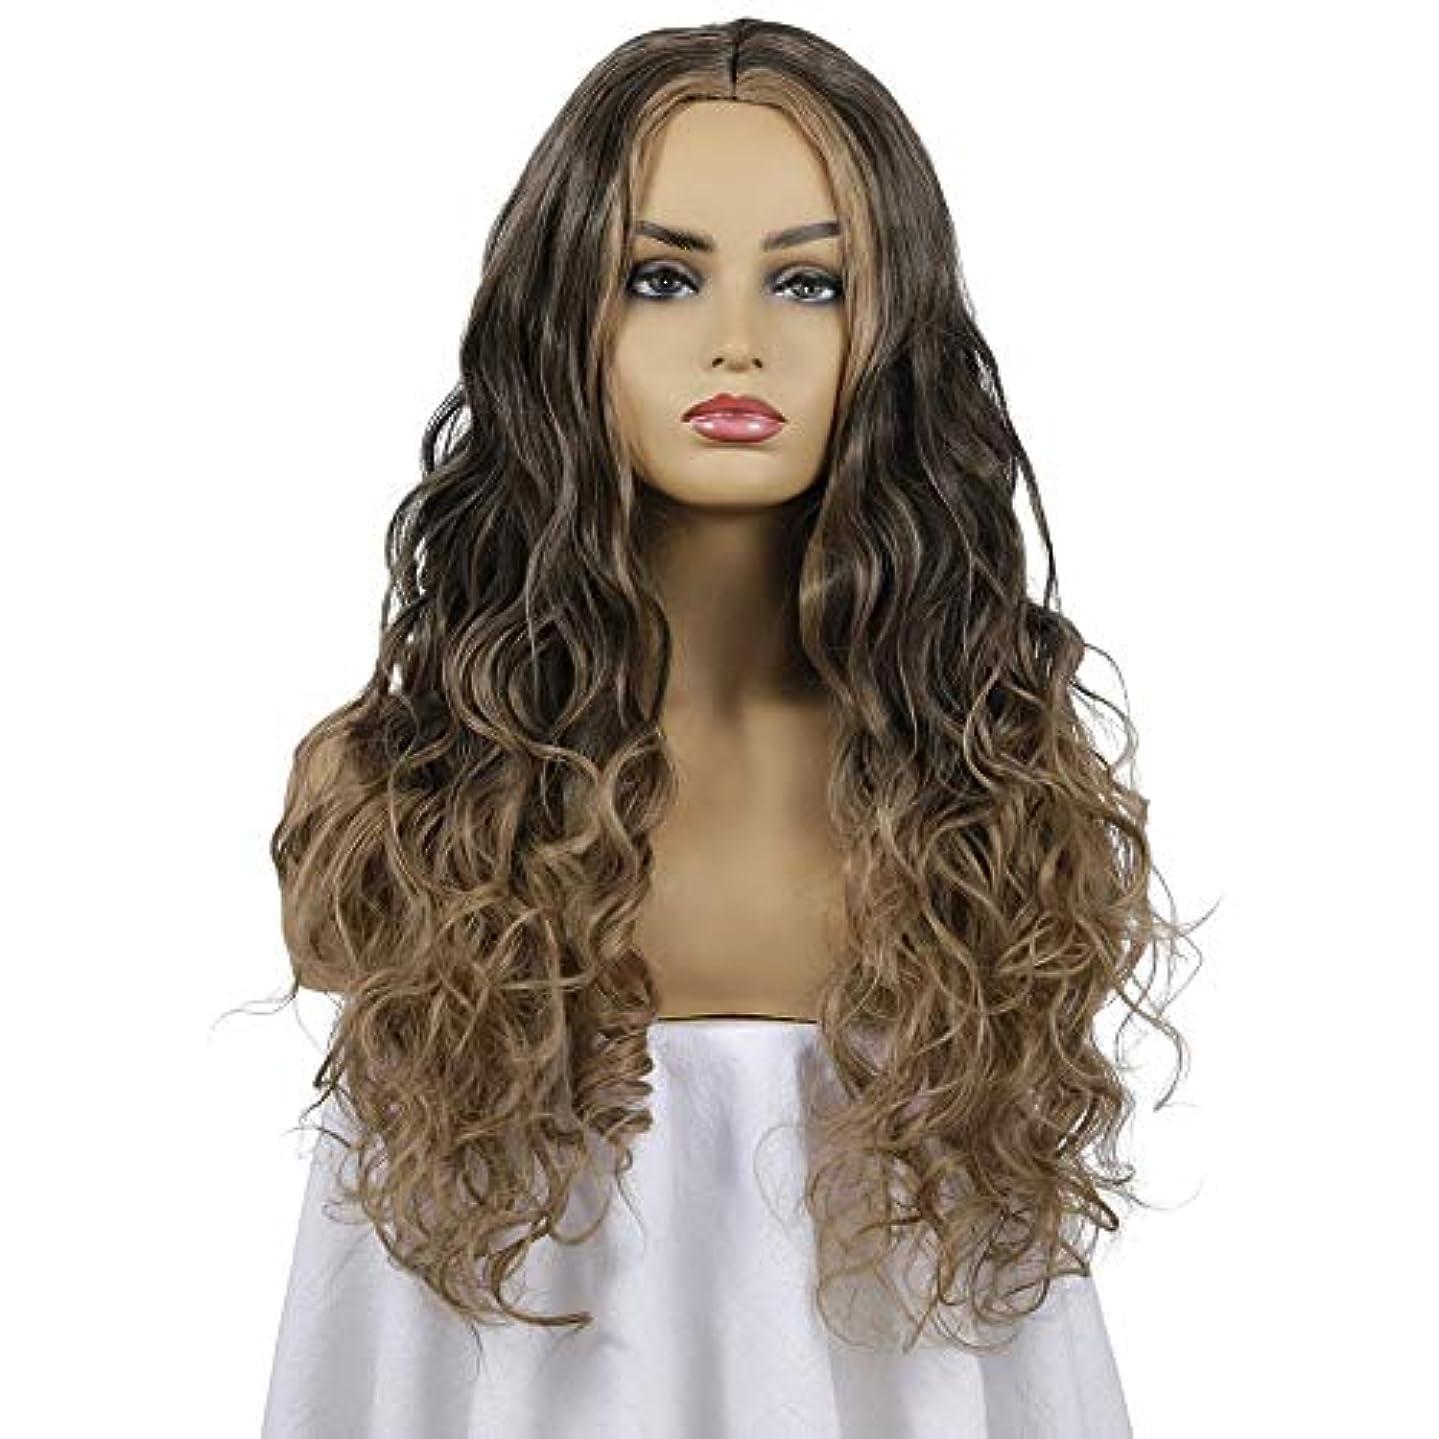 胆嚢接続された失速女性の長い巻き毛のウェーブのかかった髪のかつら26インチ魅力的な人工毛交換かつらと中間別れハロウィーンコスプレ衣装アニメパーティーかつら、黒と茶色のかつら